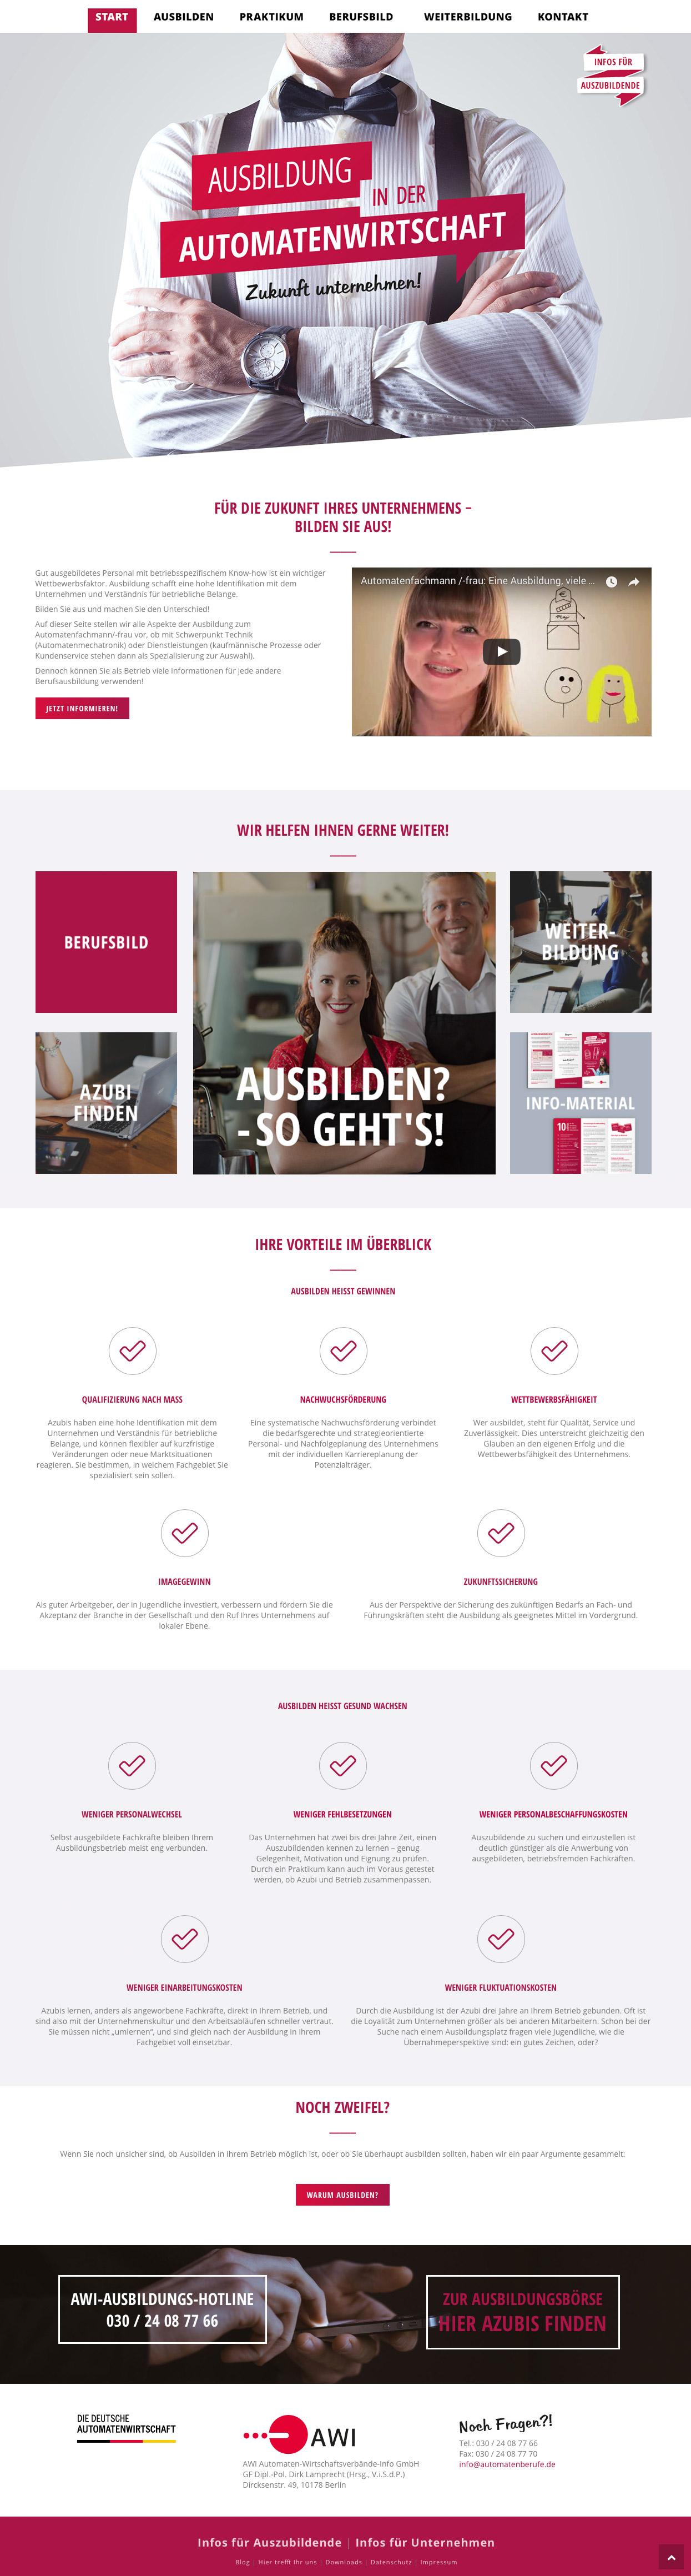 Ausbildung in der Automatenwirtschaft Webseite